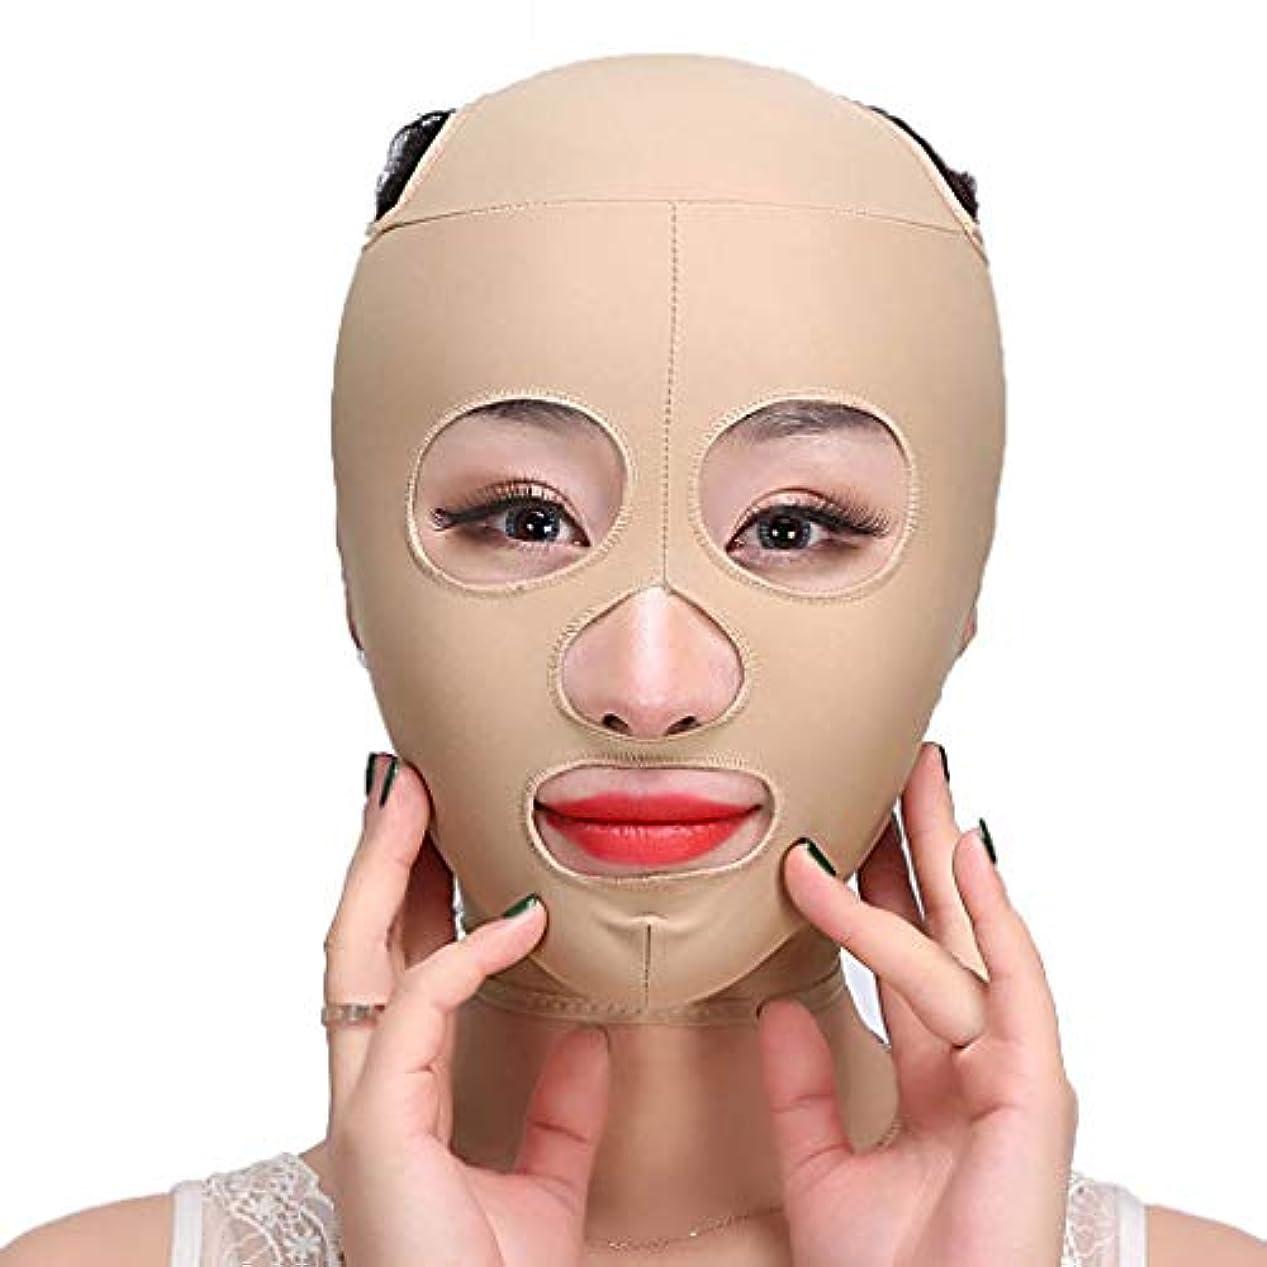 真向こう定常試用LJK 痩身ベルト、フェイスマスク薄いフェイス楽器リフティング引き締めVフェイス男性と女性フェイスリフティングステッカーダブルチンフェイスリフティングフェイスマスク包帯フェイシャルマッサージ (Size : L)